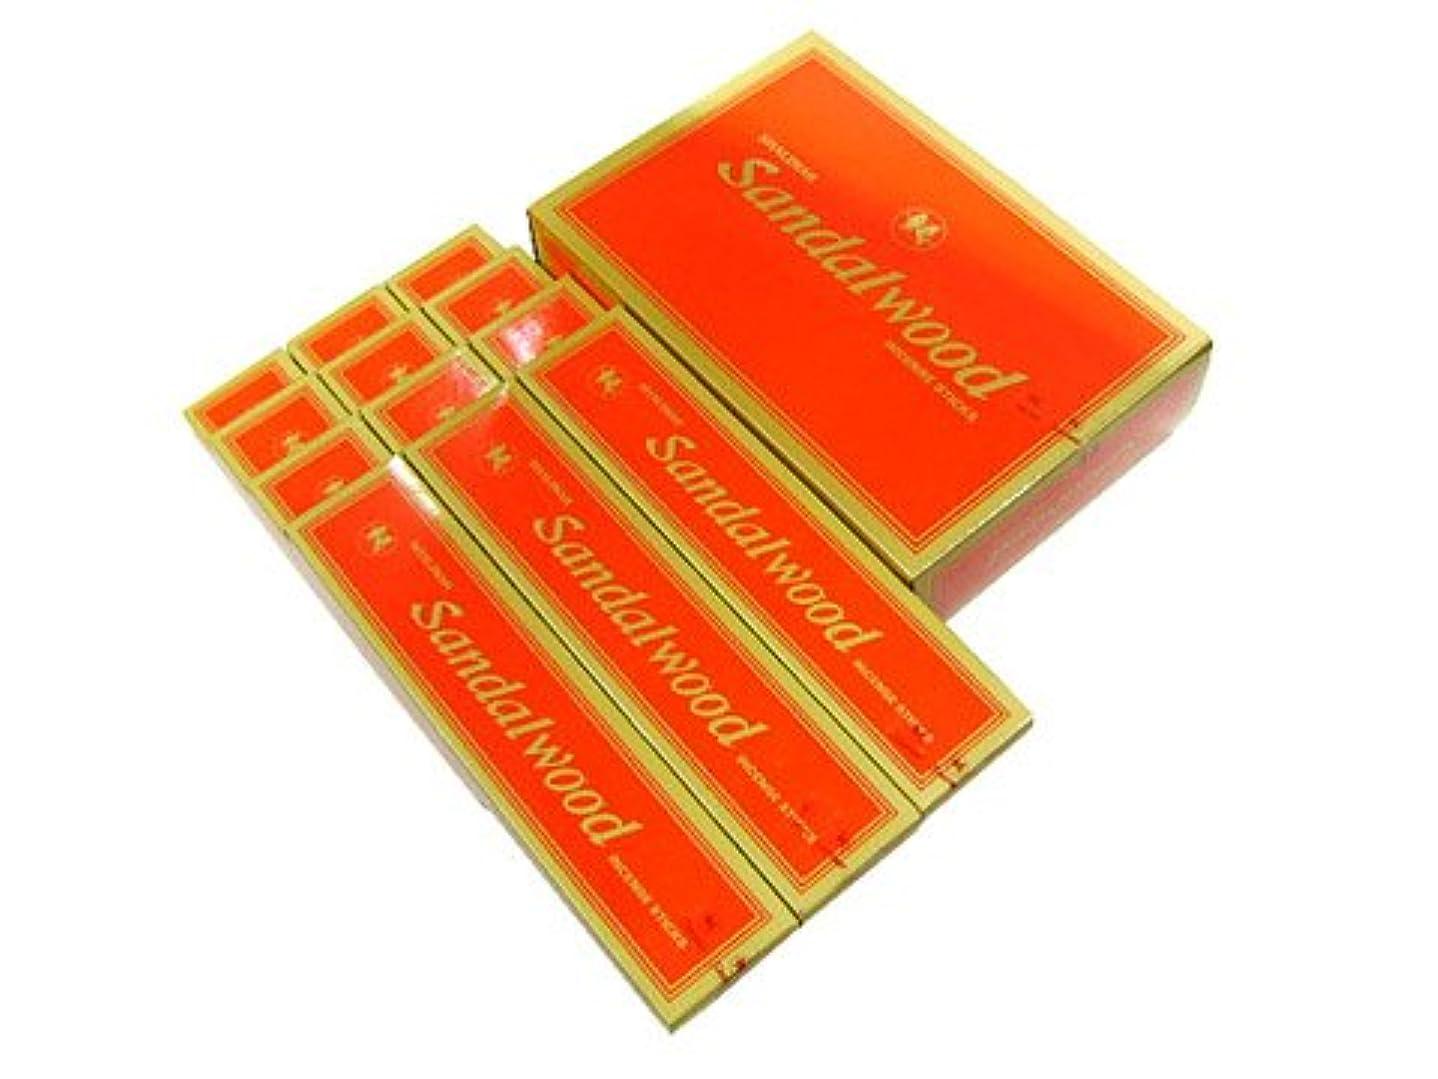 バーガー感染する悲劇的なSHALIMAR(シャリマー) SANDALWOOD サンダルウッド香(レギュラーボックス) スティック 12箱セット